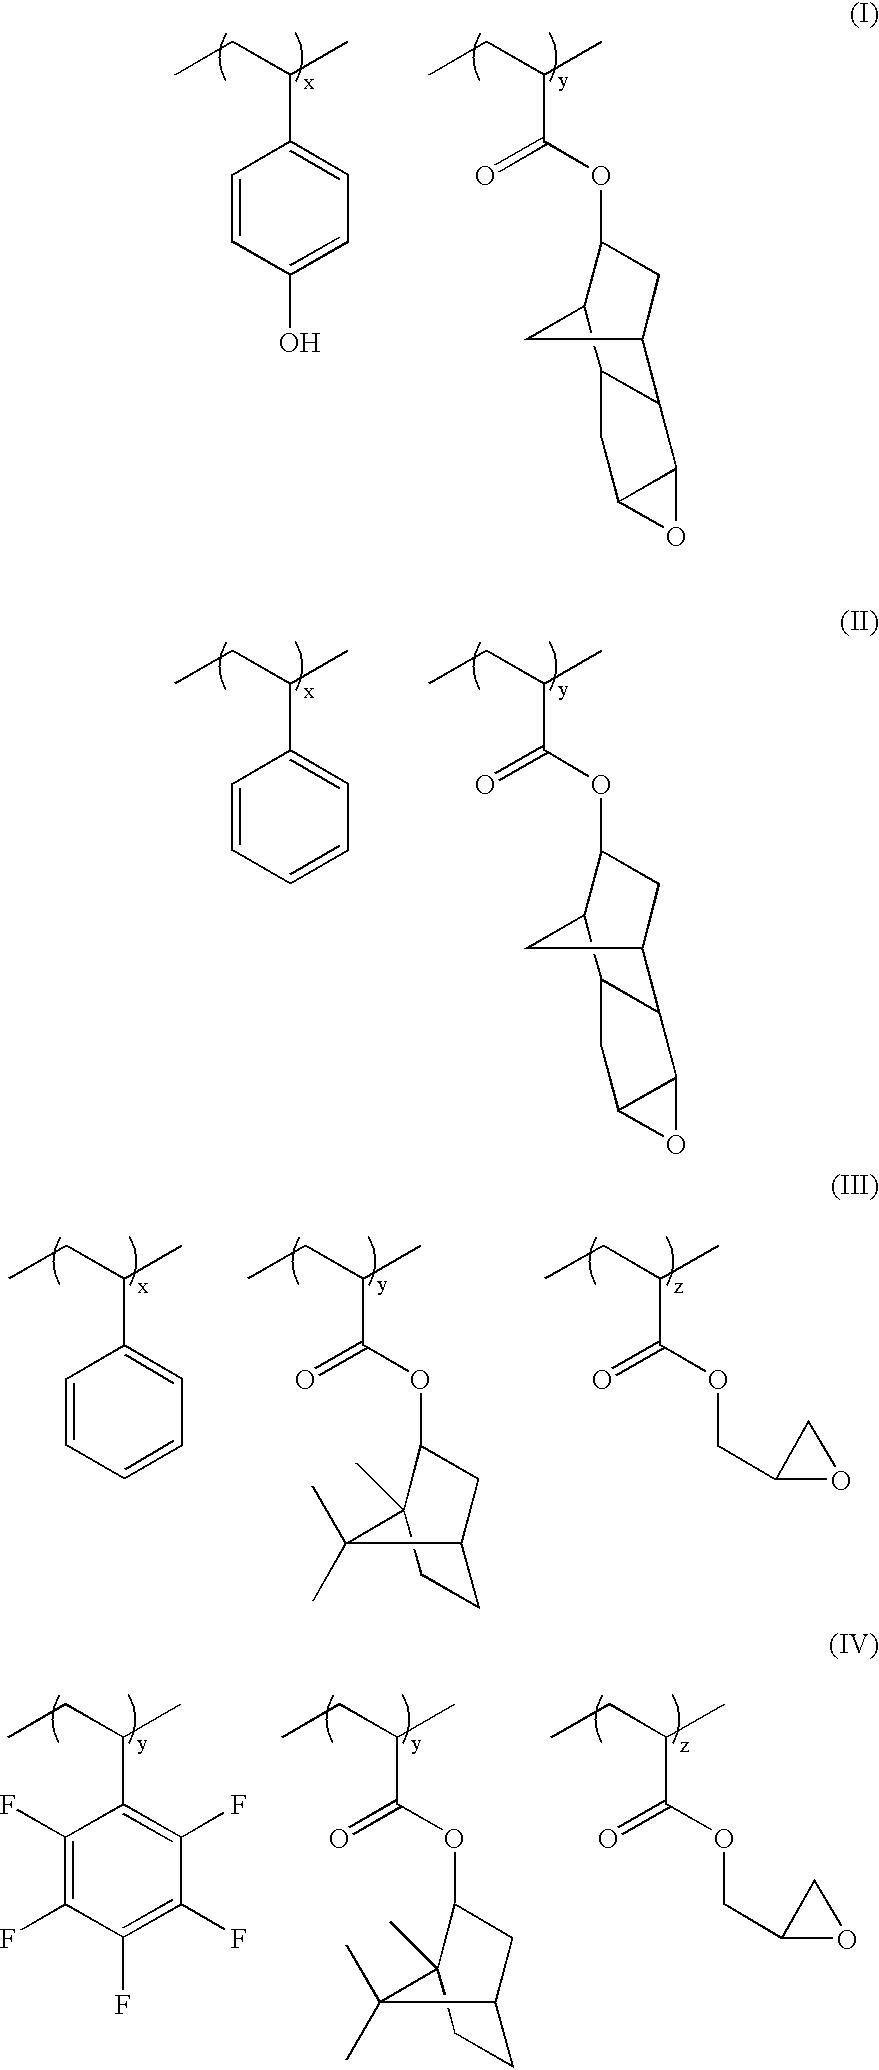 Figure US20020058204A1-20020516-C00001